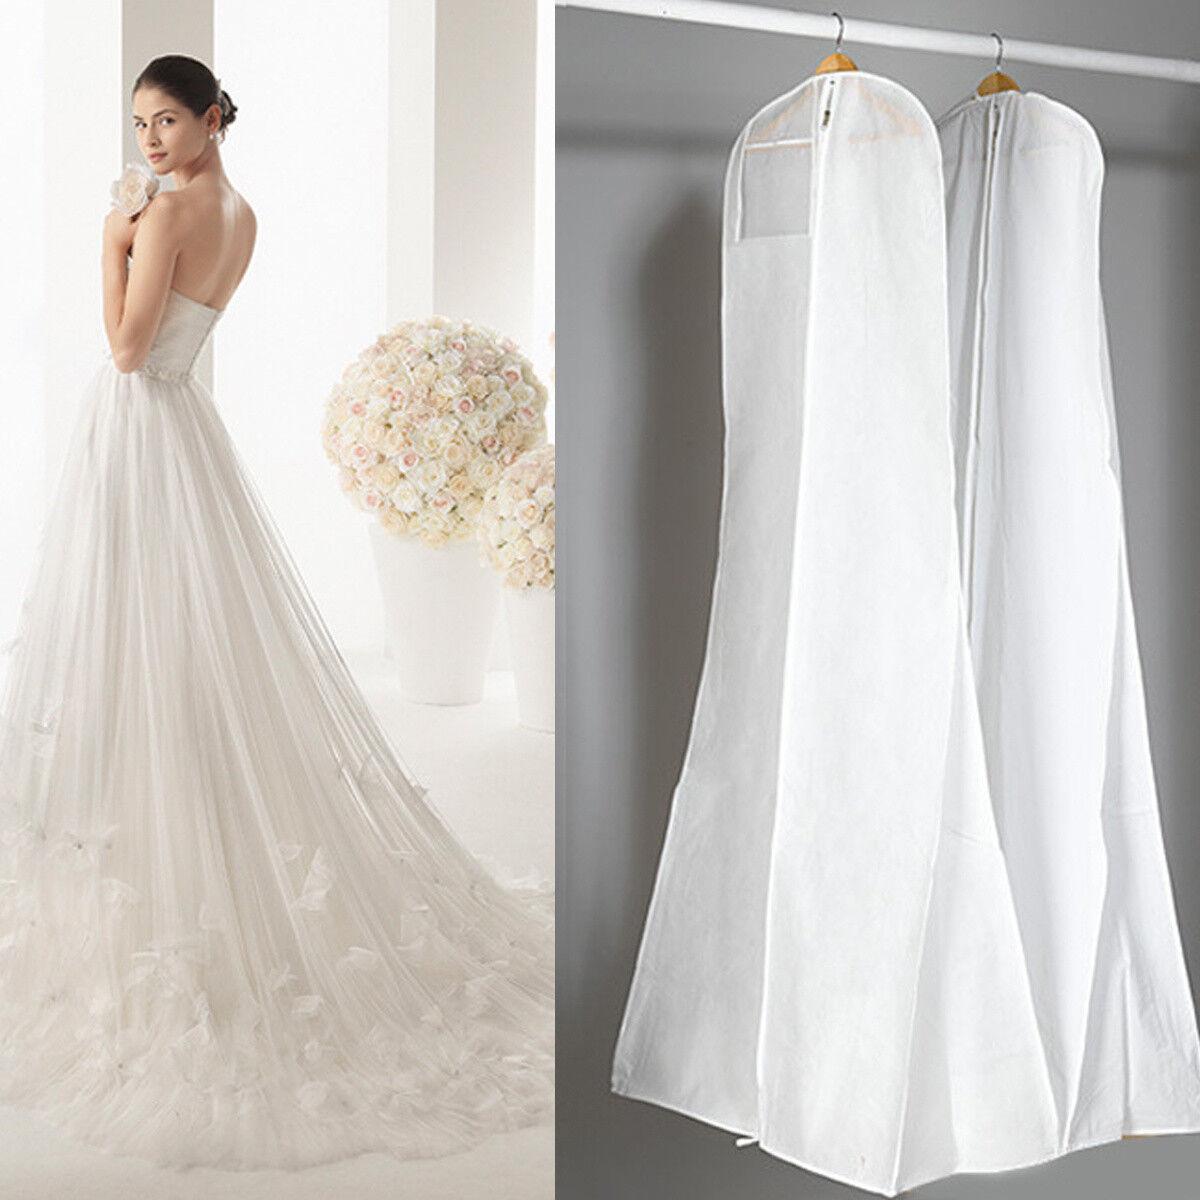 180*80cm Brautkleider Kleidersack Hochzeits Ballkleid Schutzhülle Reisetasche